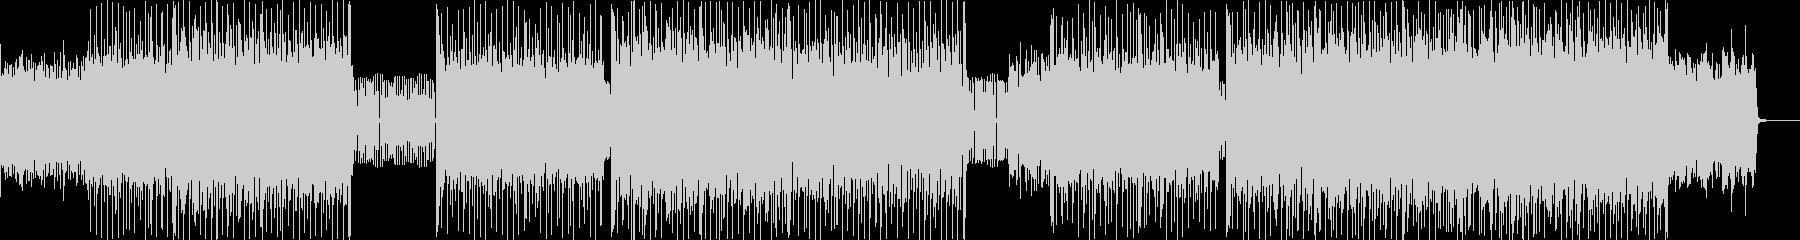 ピアノハッピーハードコアの未再生の波形